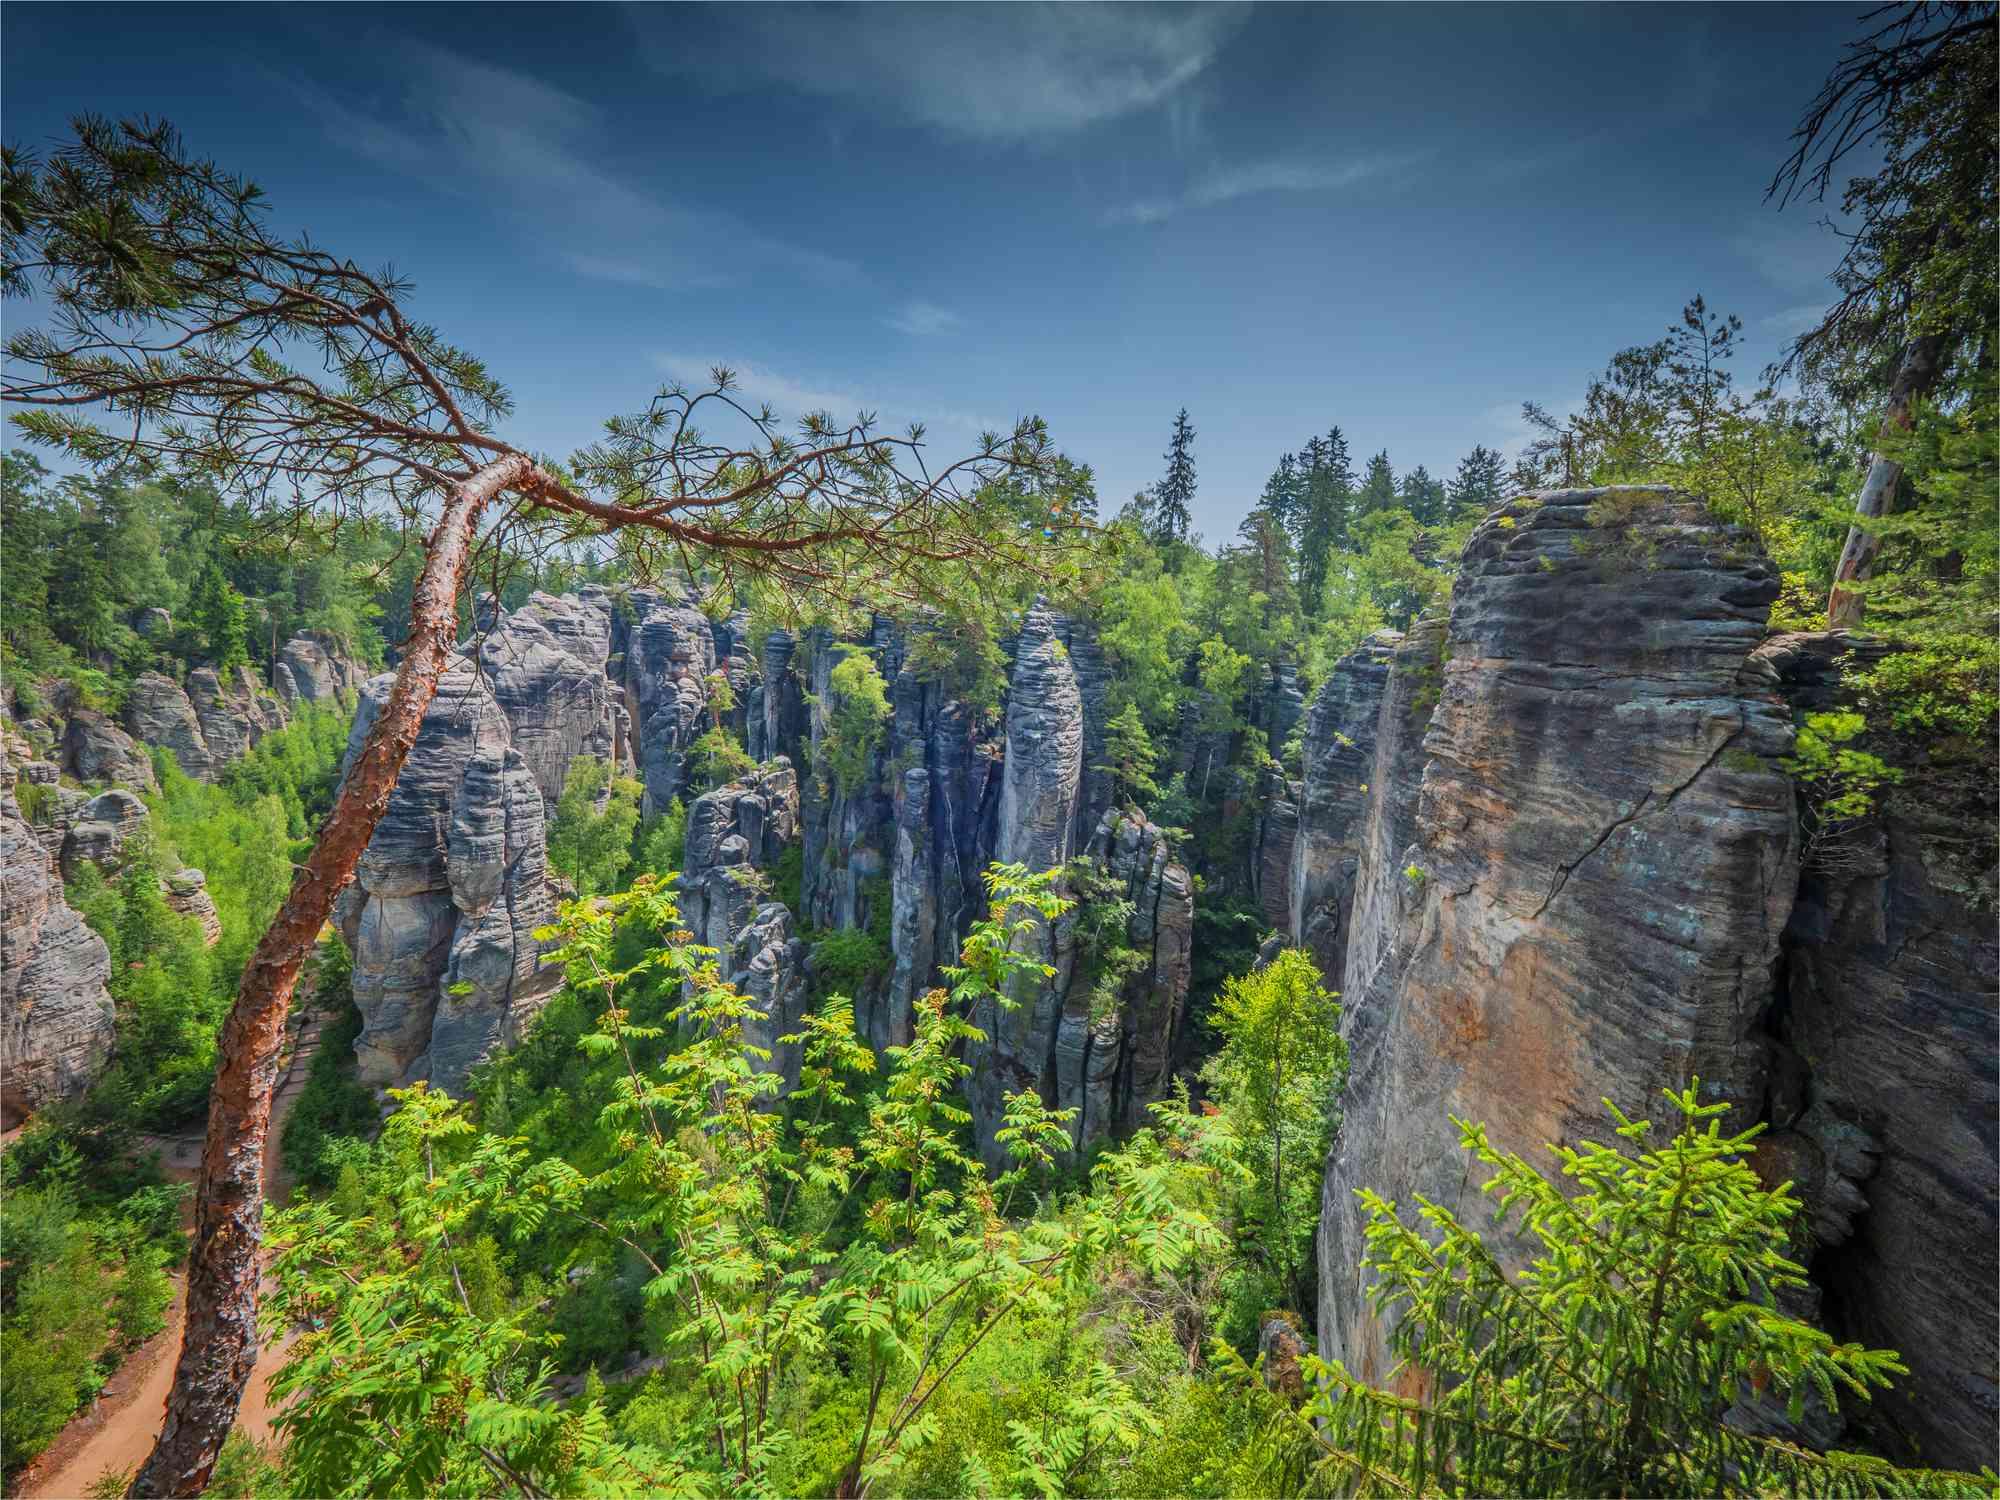 La zona de montaña y las rocas de Prachov del Paraíso de Bohemia, Český ráj,, Jicin, República Checa